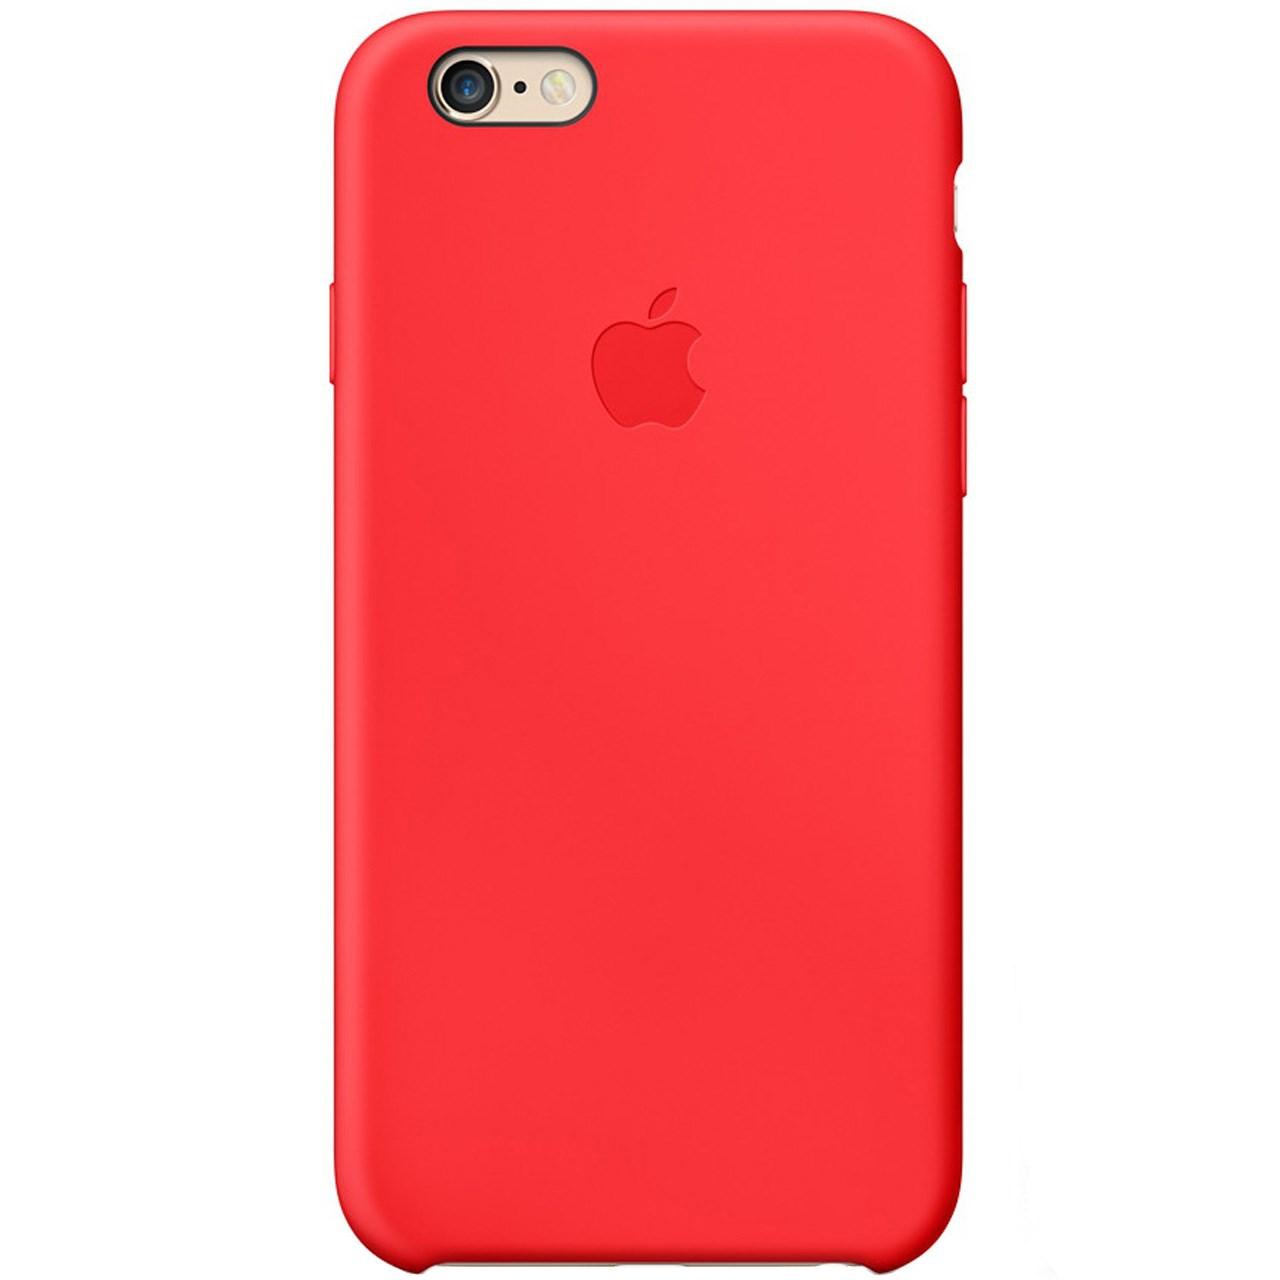 کاور سیلیکونی مناسب برای گوشی موبایل آیفون 6 پلاس/6s پلاس              ( قیمت و خرید)